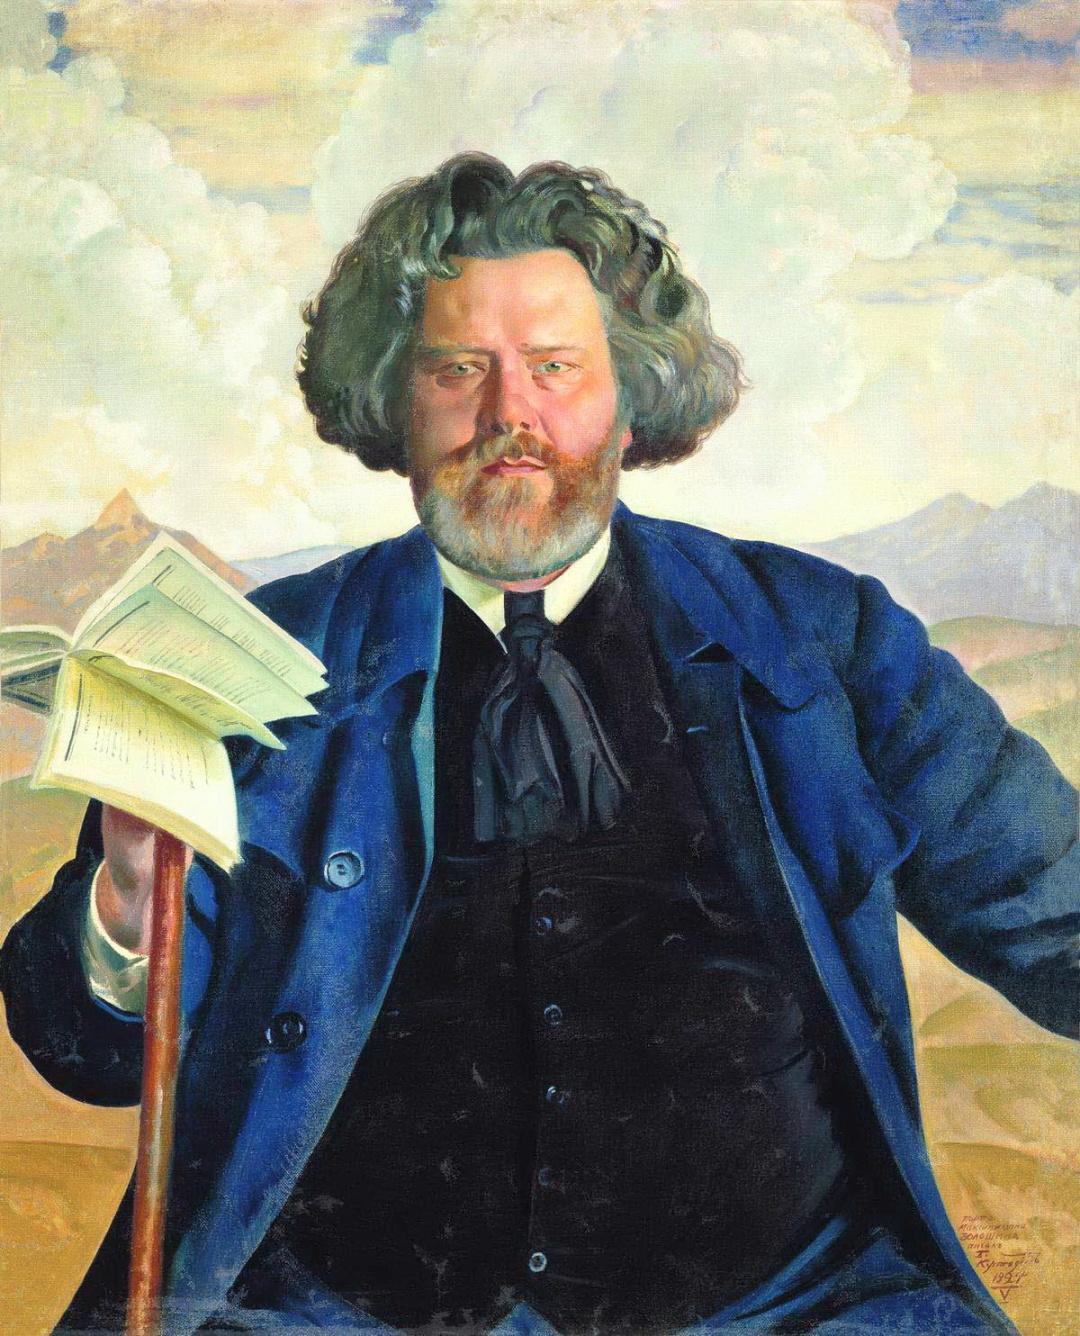 Борис Кустодієв, портрет Максиміліана Волошина, 1924 р. 1